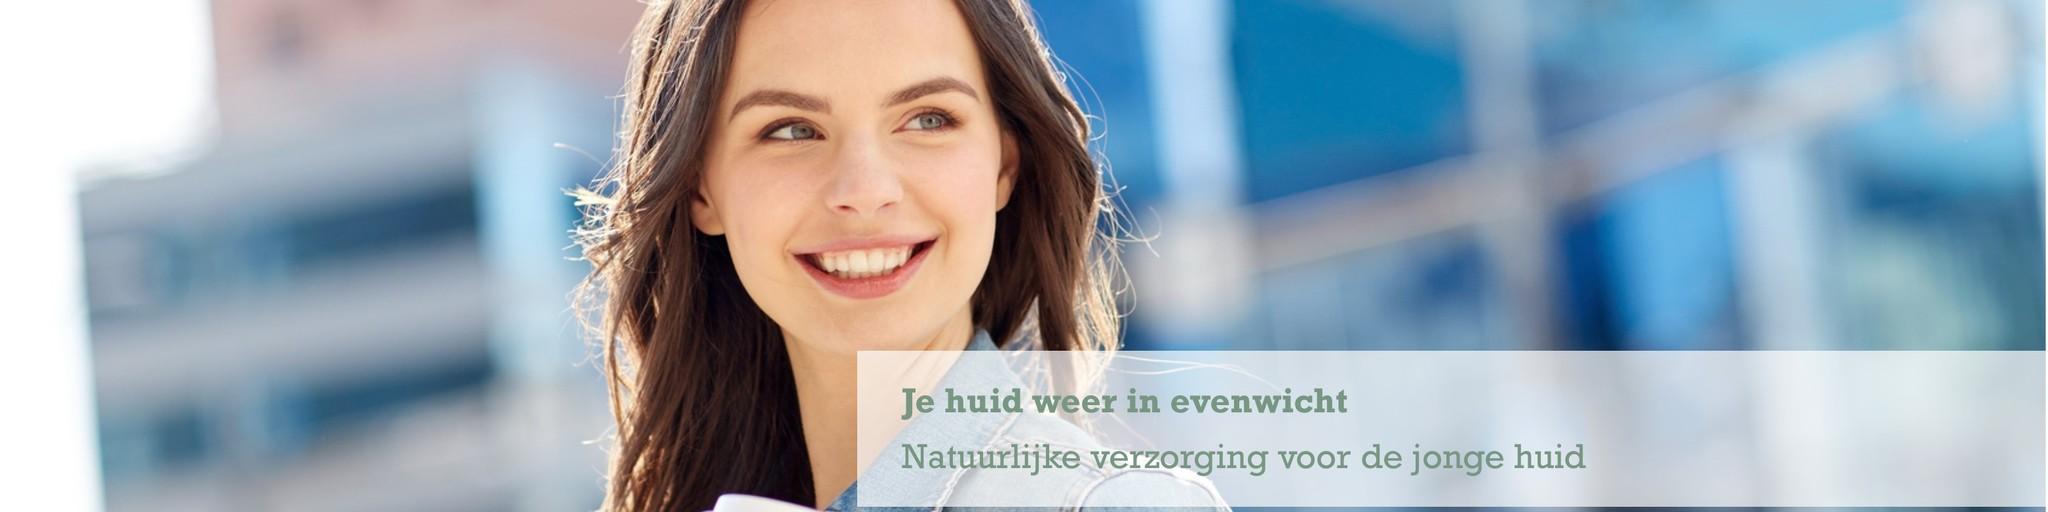 De webshop boordevol natuurlijke cosmetica banner 2